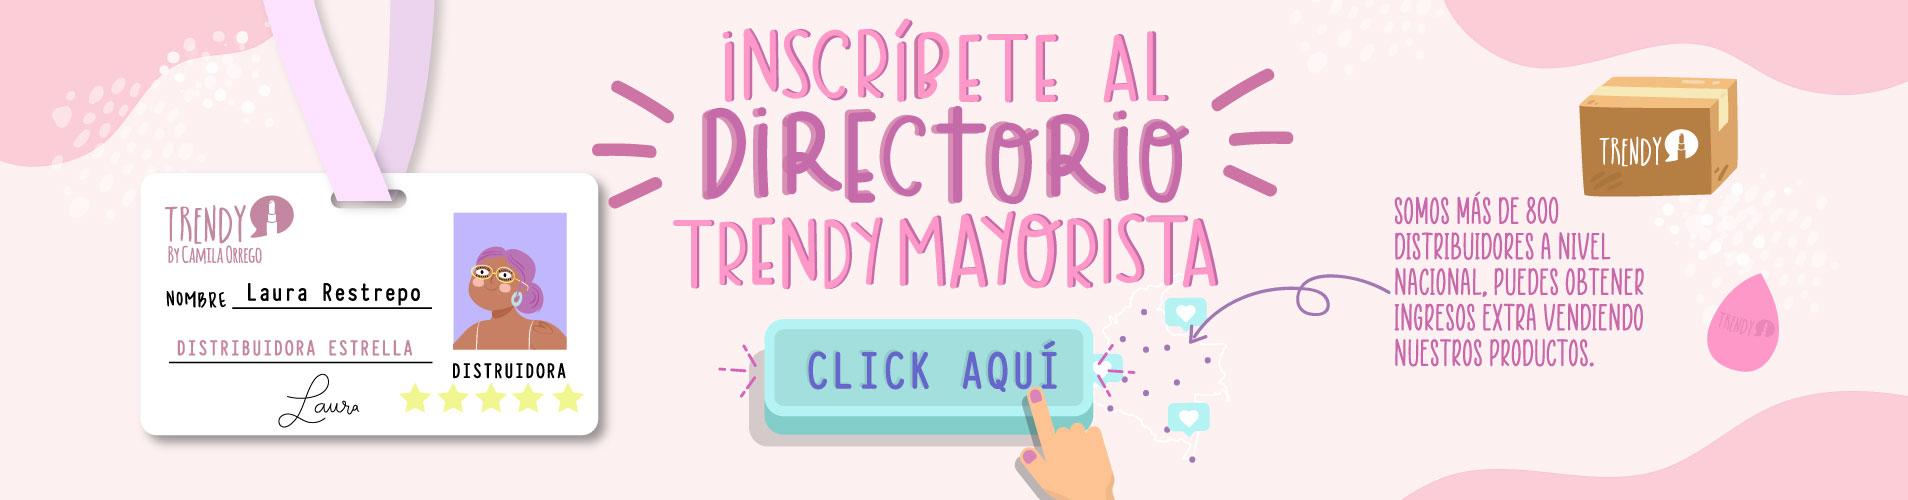 trendy-mayorista-directorioinscribete